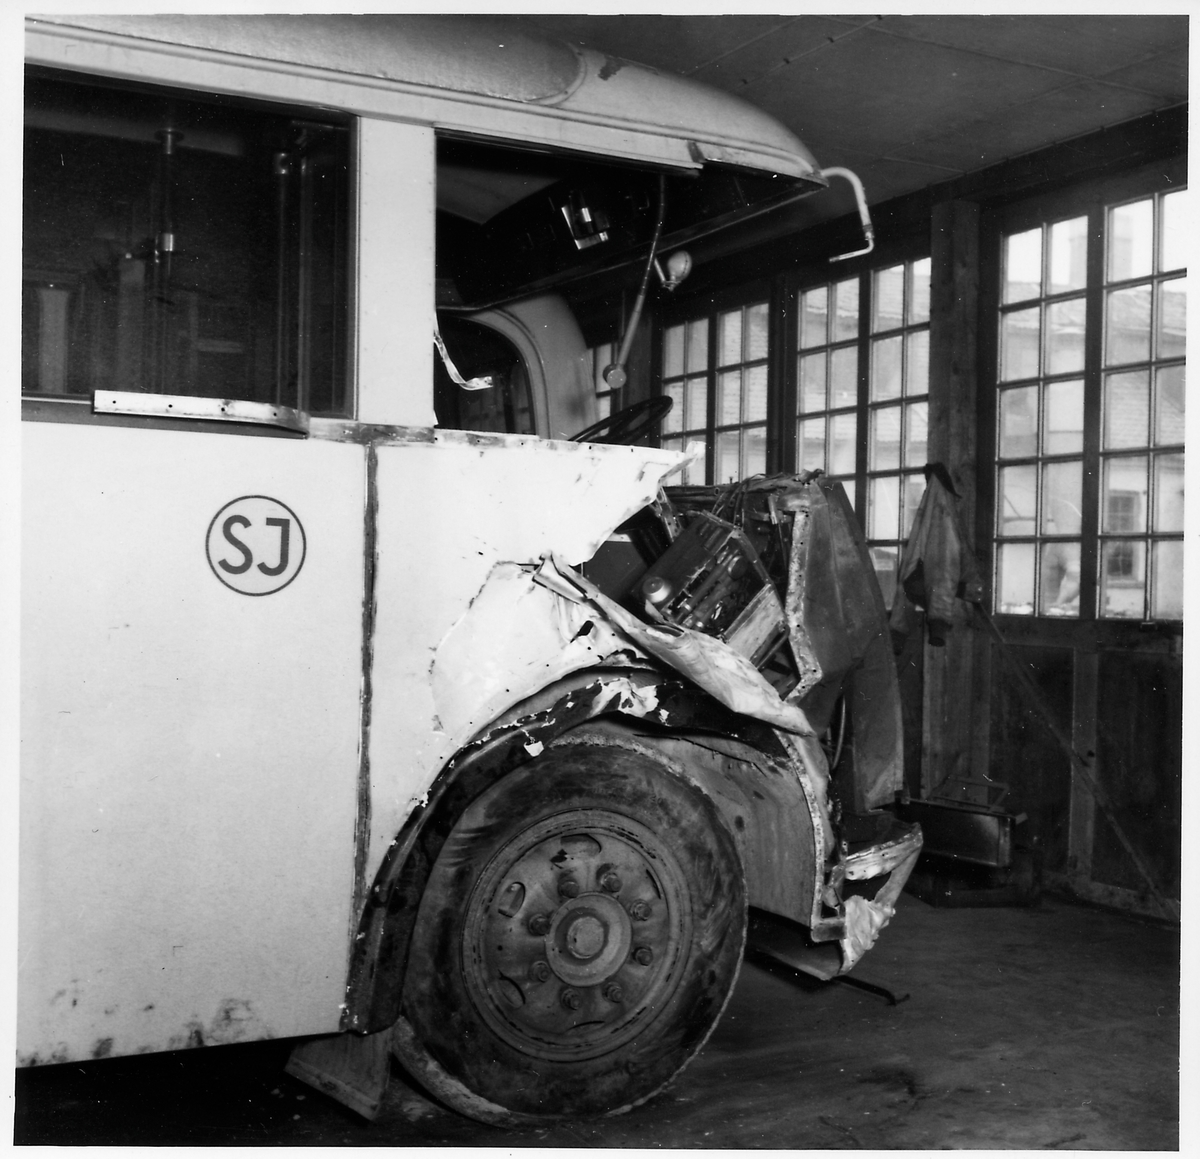 Krockskadad buss, Statens Järnvägars, SJ buss 850.